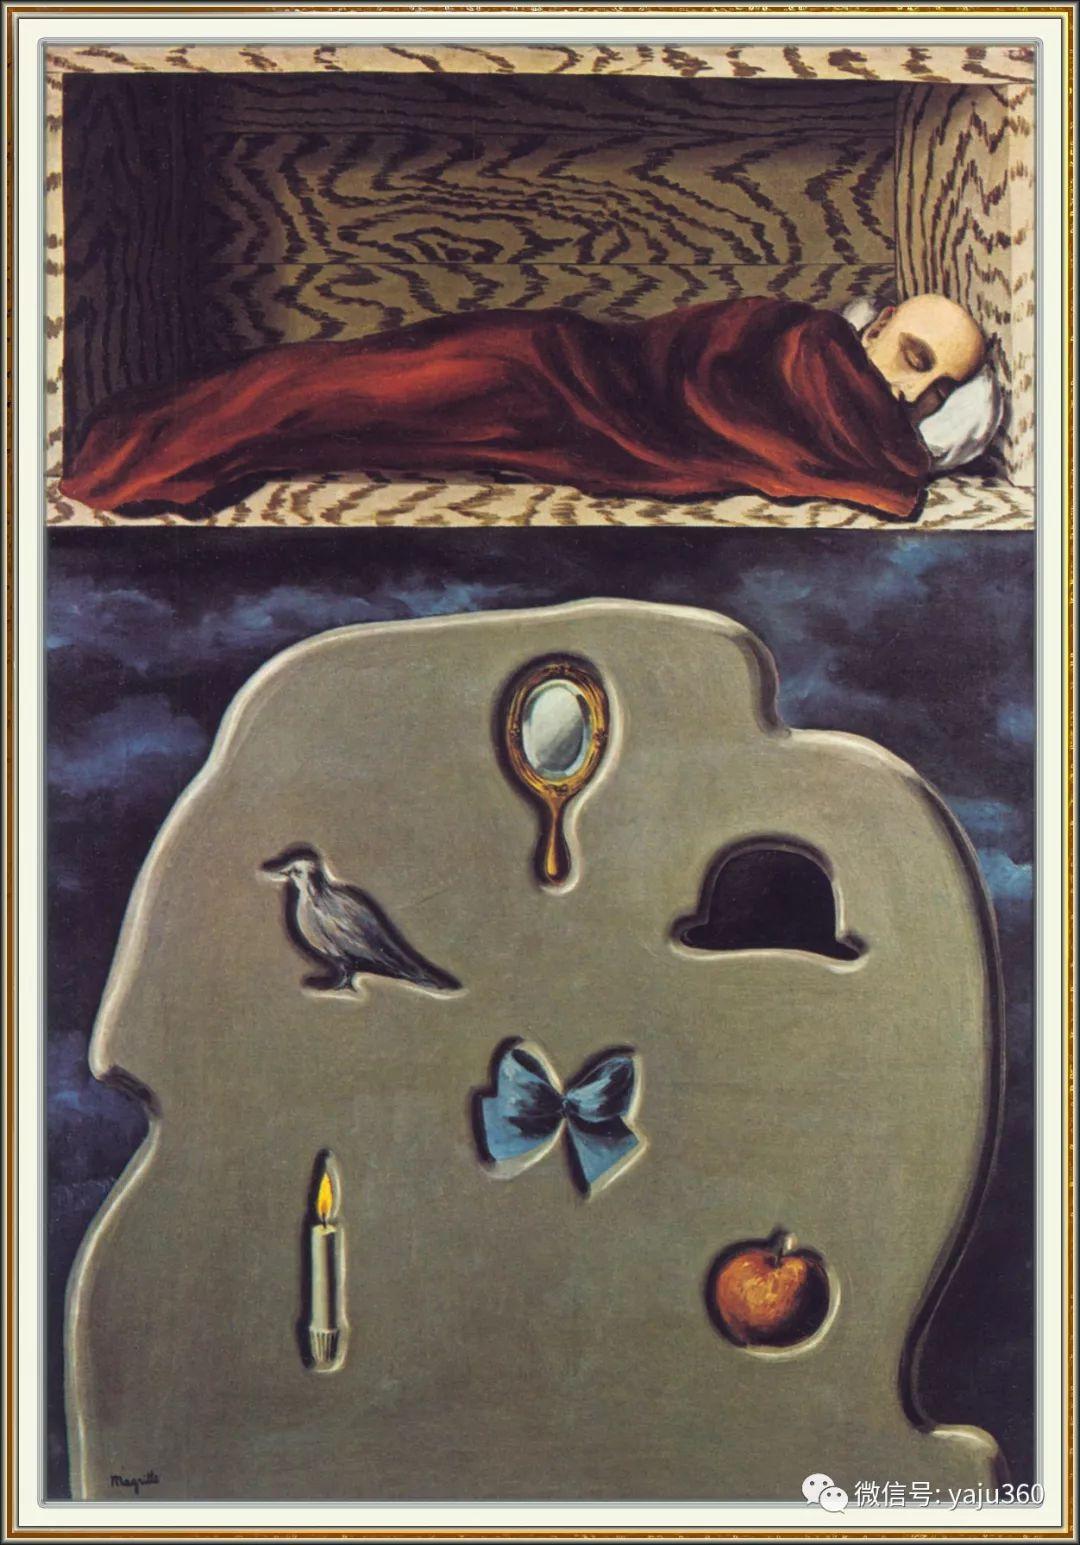 超现实主义 比利时画家Rene Magritte插图95